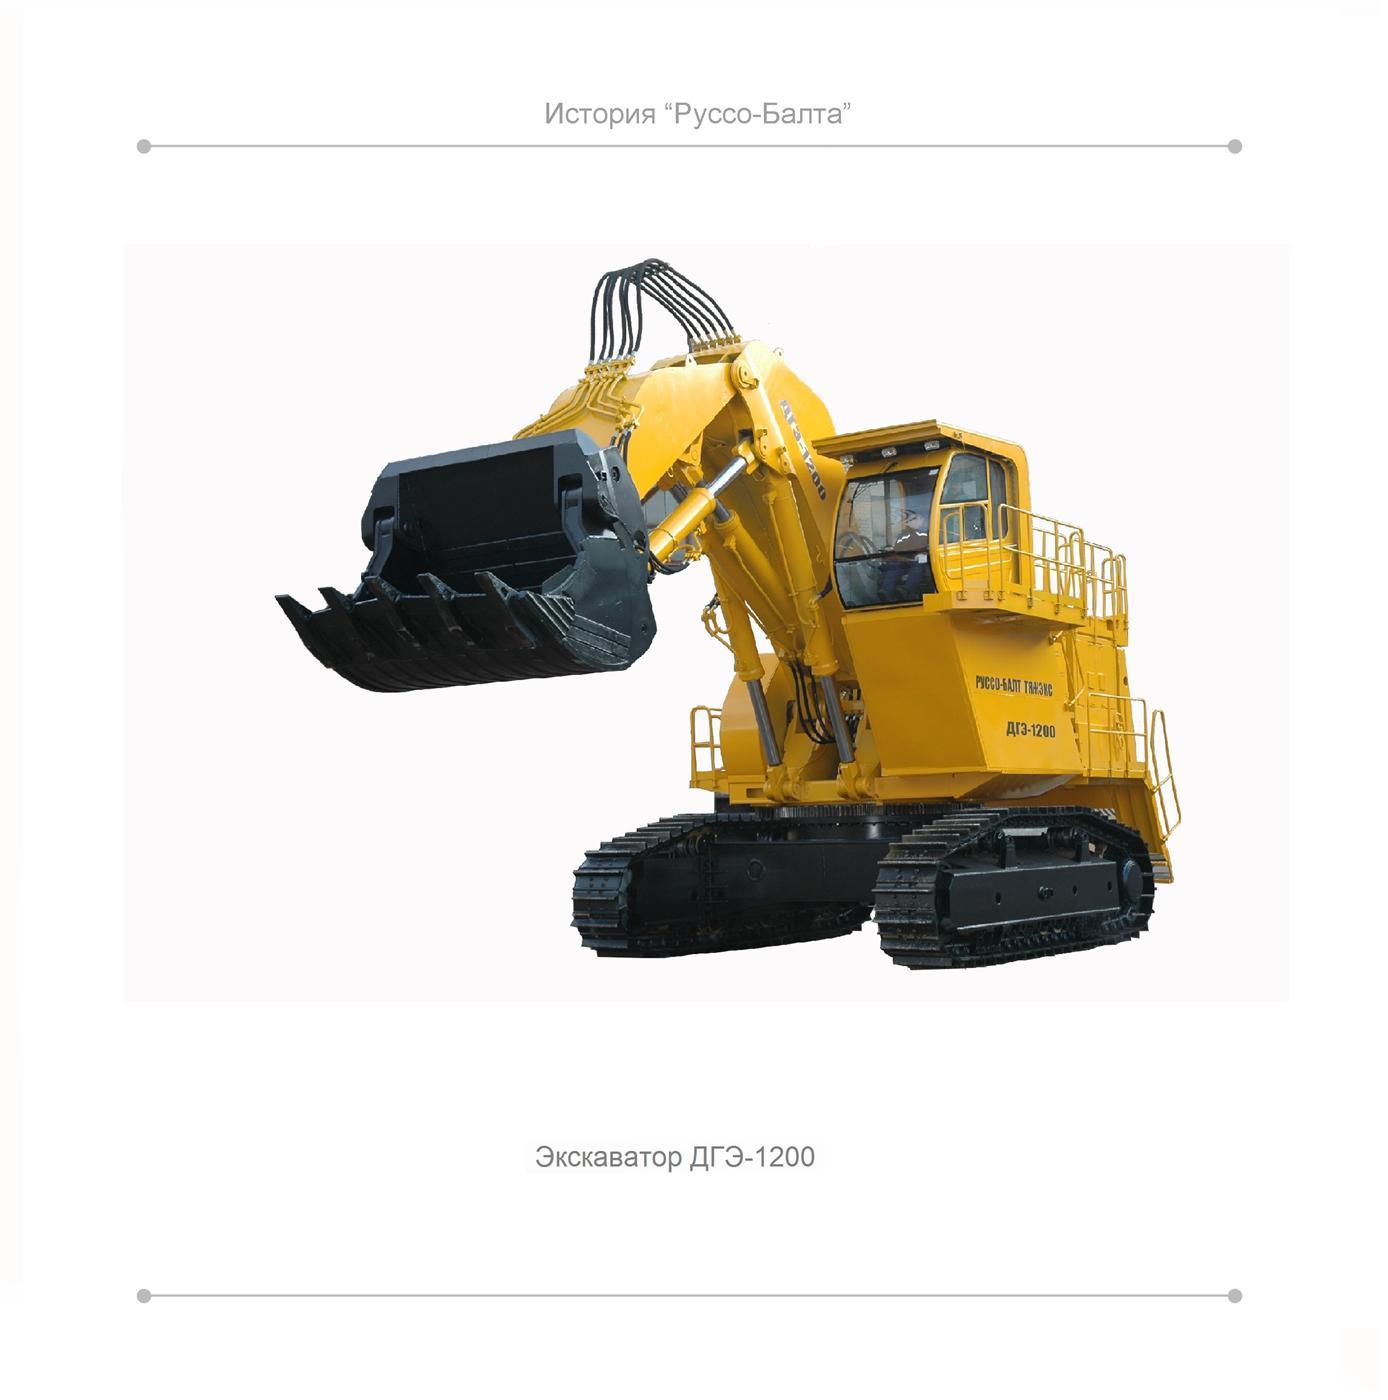 Экскаватор ДГЭ-1200